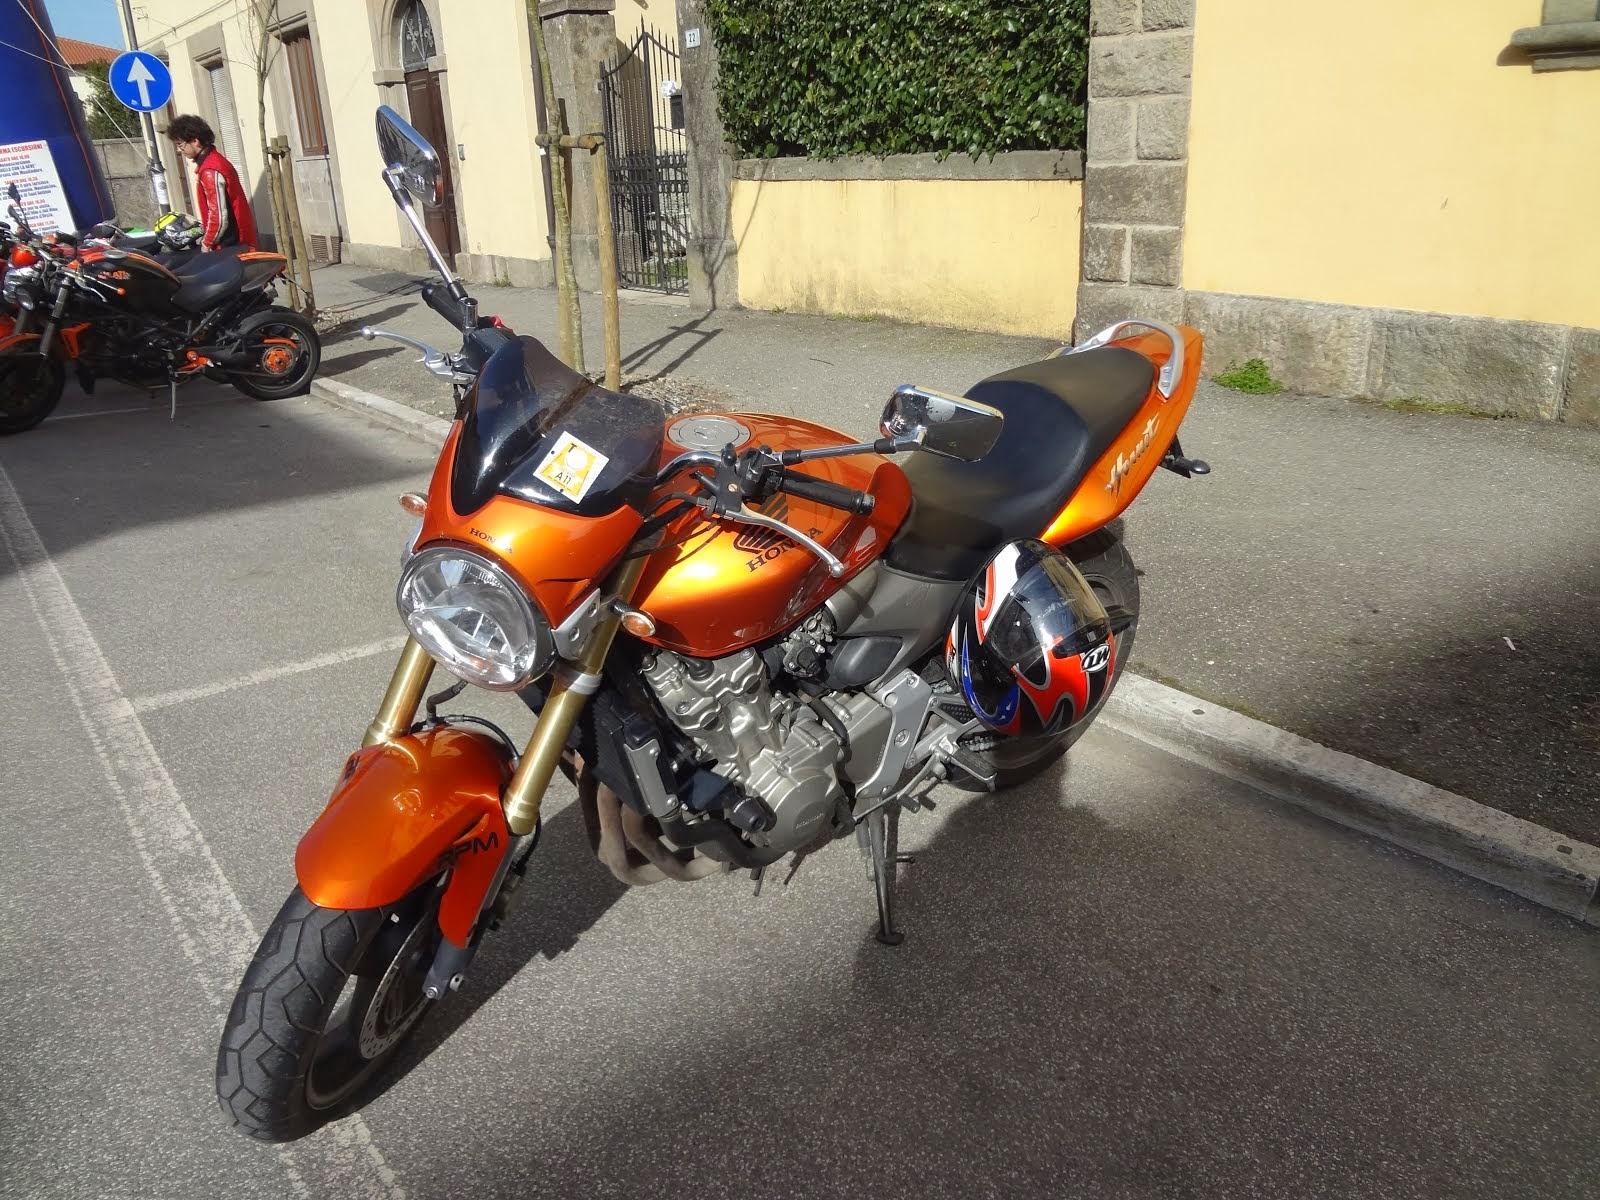 2005 Honda Hornet CB600F5 from Rombi Di Gloria